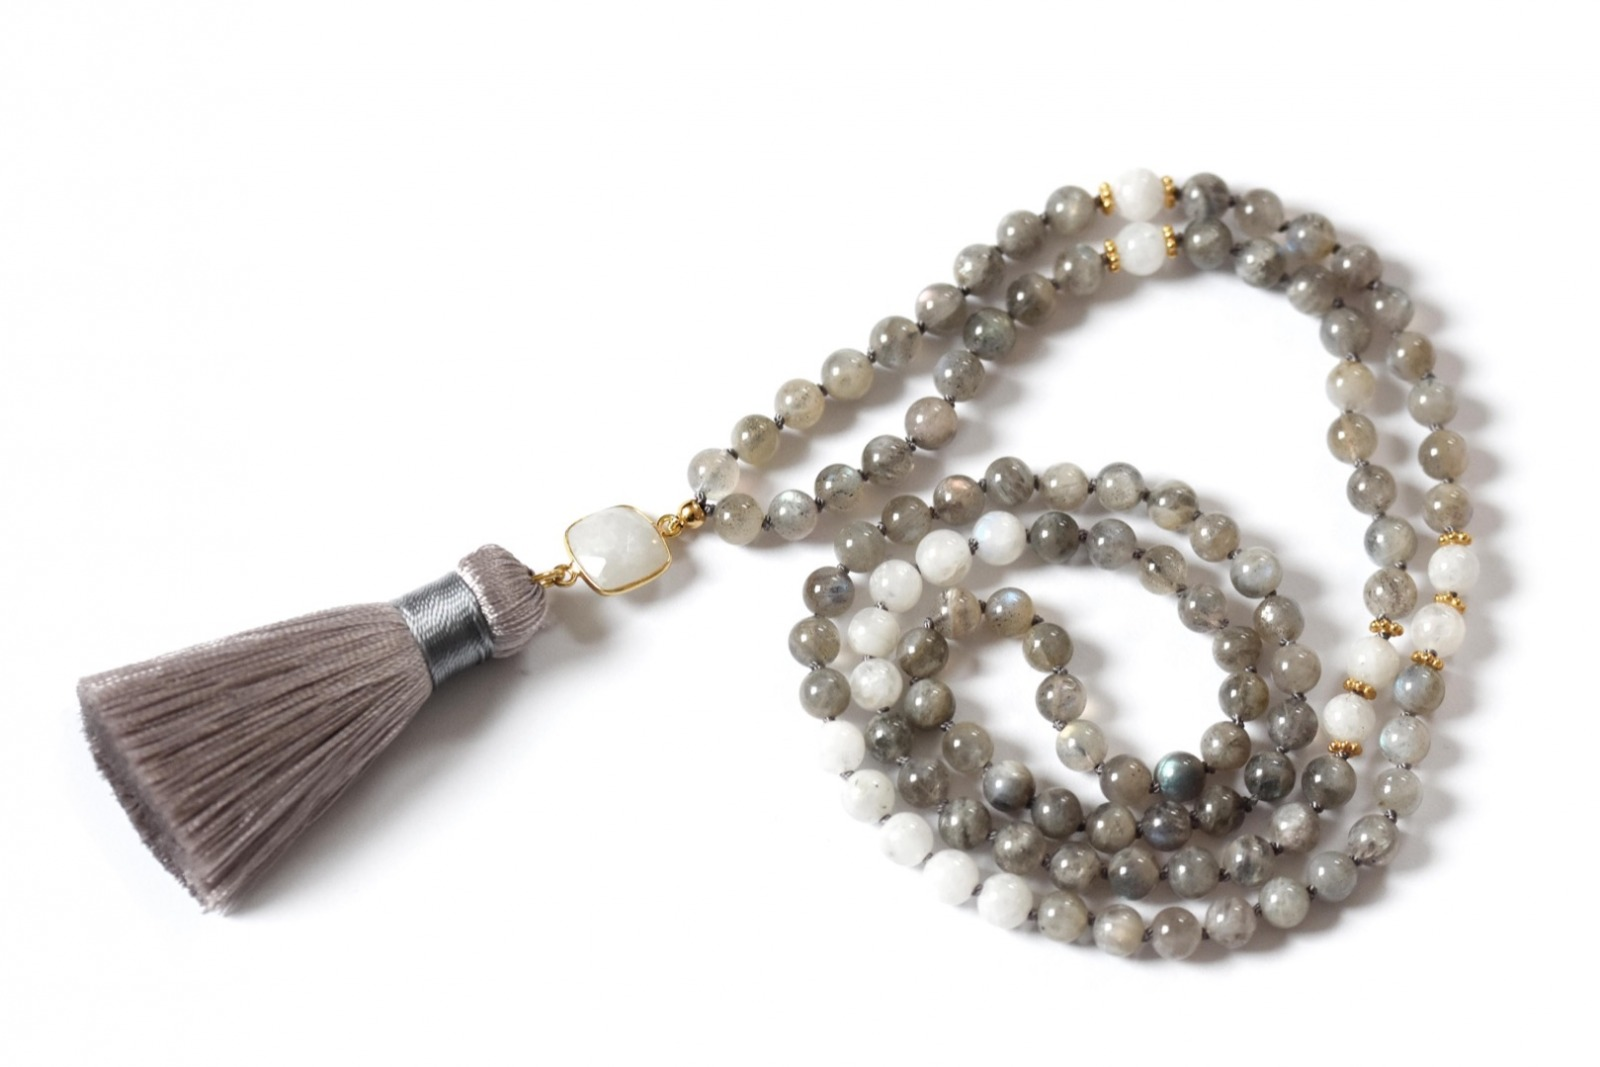 108 pearls - DIY Workshop 3